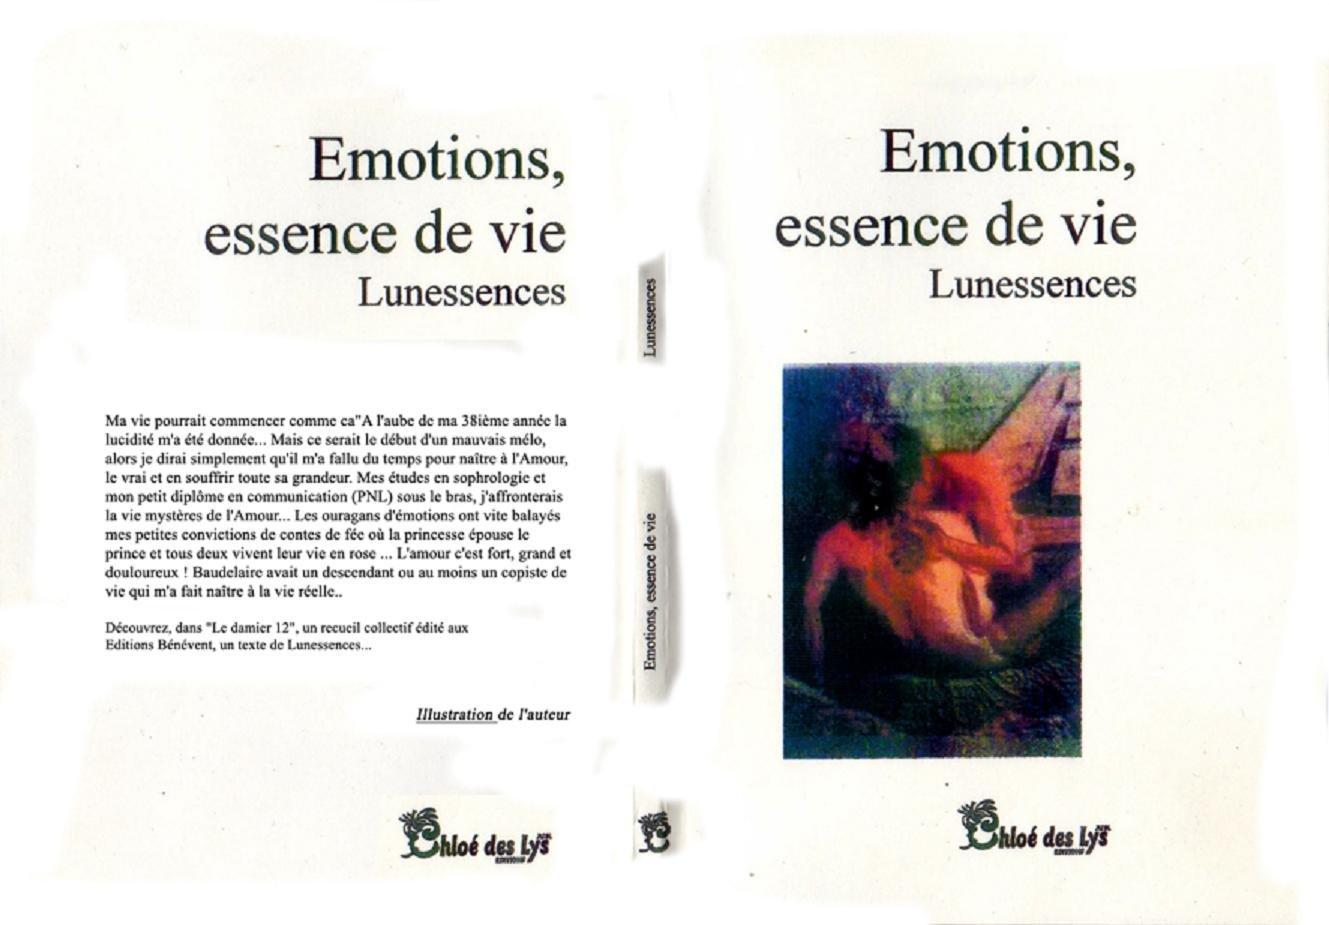 Emotions, essence de vie - Recueil de poésie écrit par Lunessences édité par les Editions Chloé des Lys (1ère et 4ème de couverture)